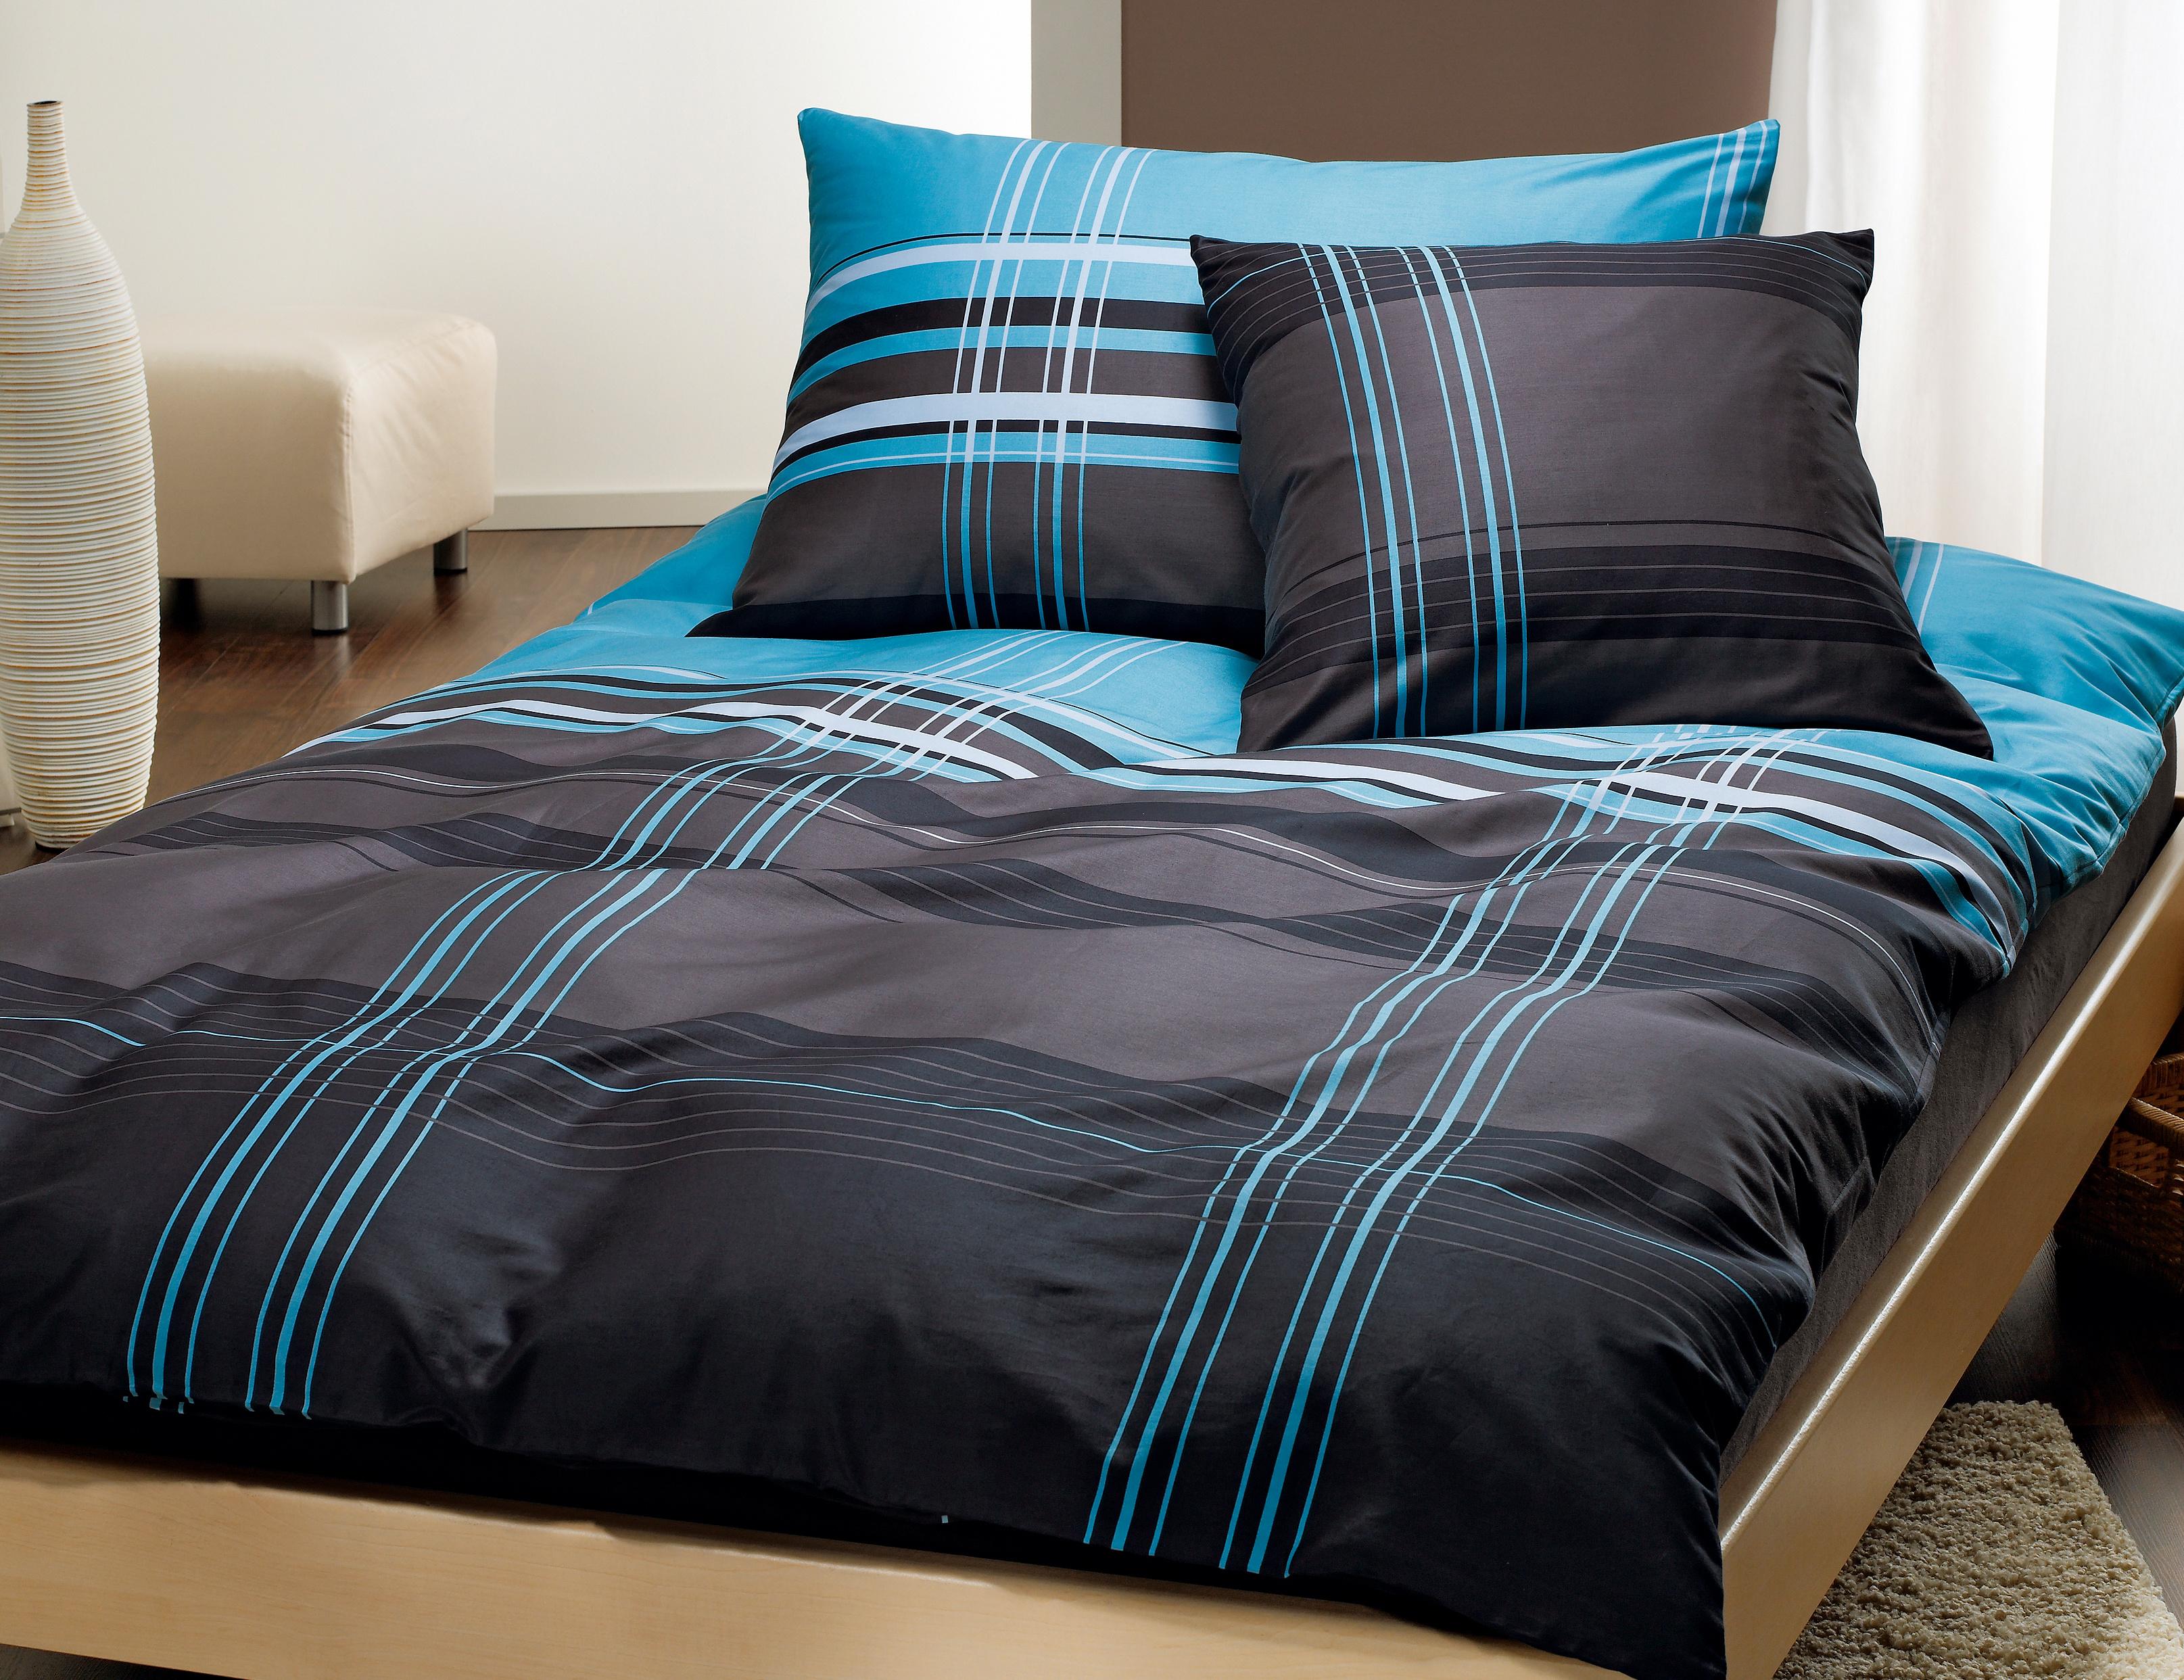 Schlafzimmer Ideen Blau: Moderne kleine schlafzimmer mit ...